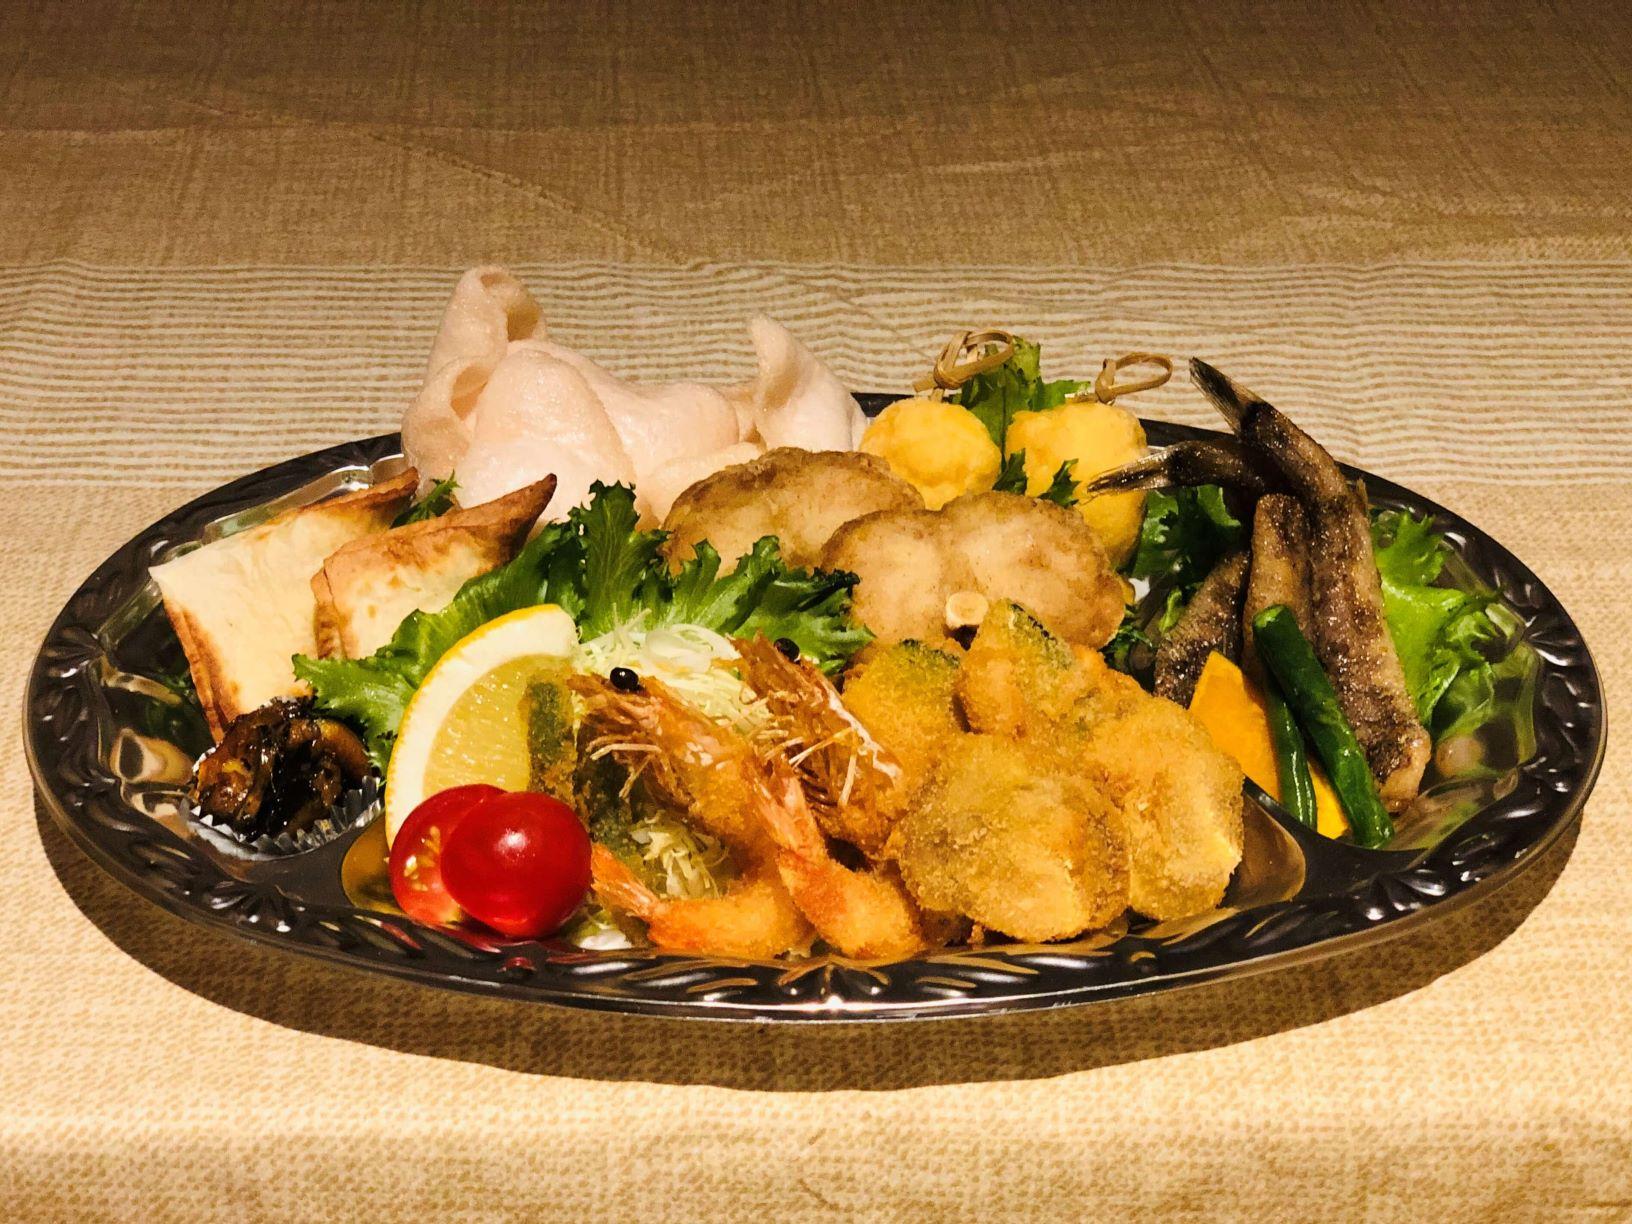 フライ(海老・帆立・穴子・クリームコロッケ)、チーズの鱈包み焼、うなぎ佃煮、海老せんべい、ふぐ唐揚げ、海老しんじょう、メヒカリ唐揚げ